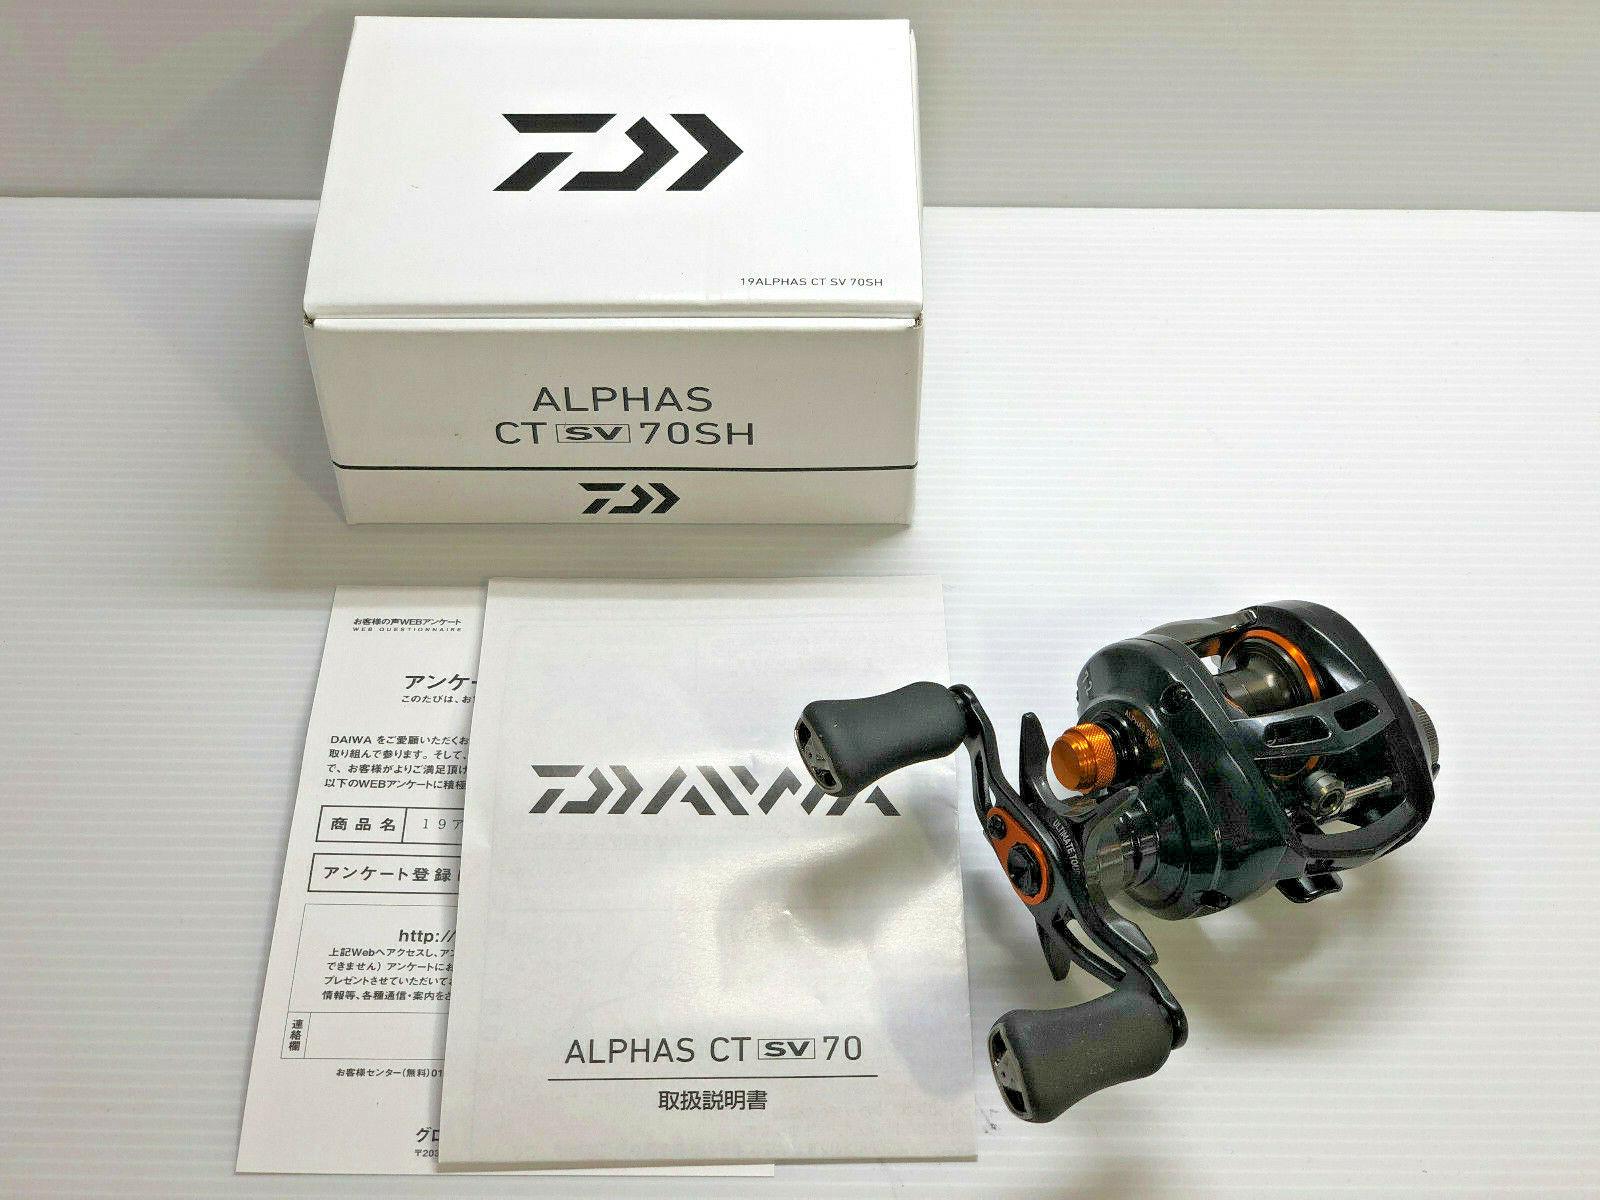 Daiwa 19 alfas compacto Versión Especial 70SH-Envío gratuito desde Japón